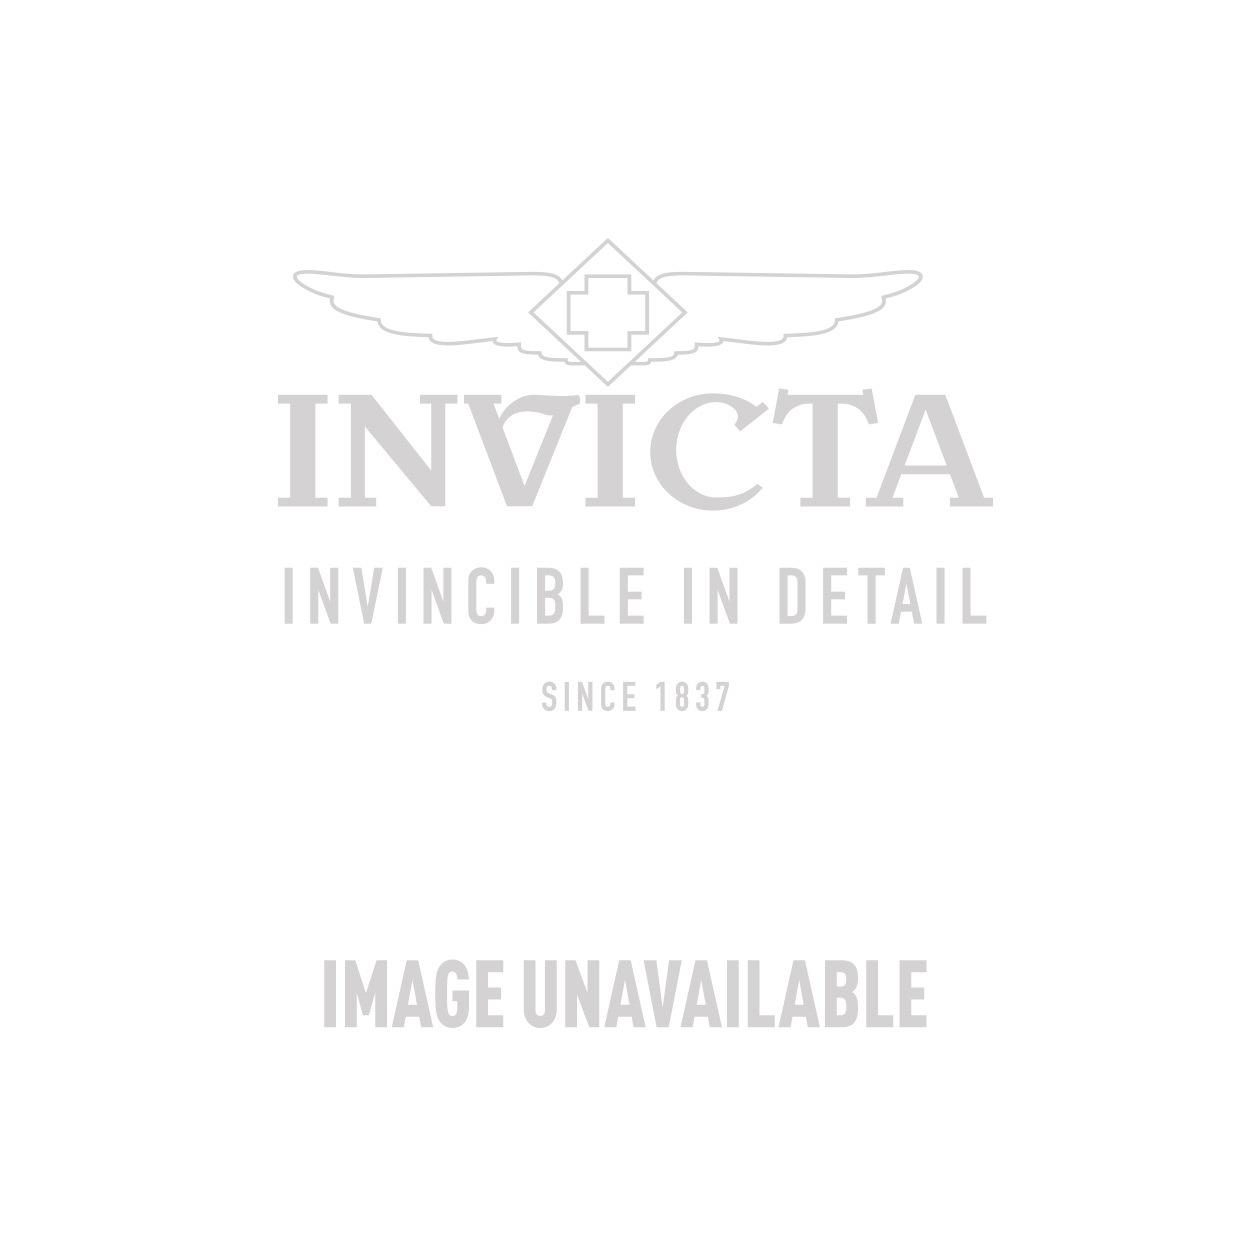 Invicta Model 25334